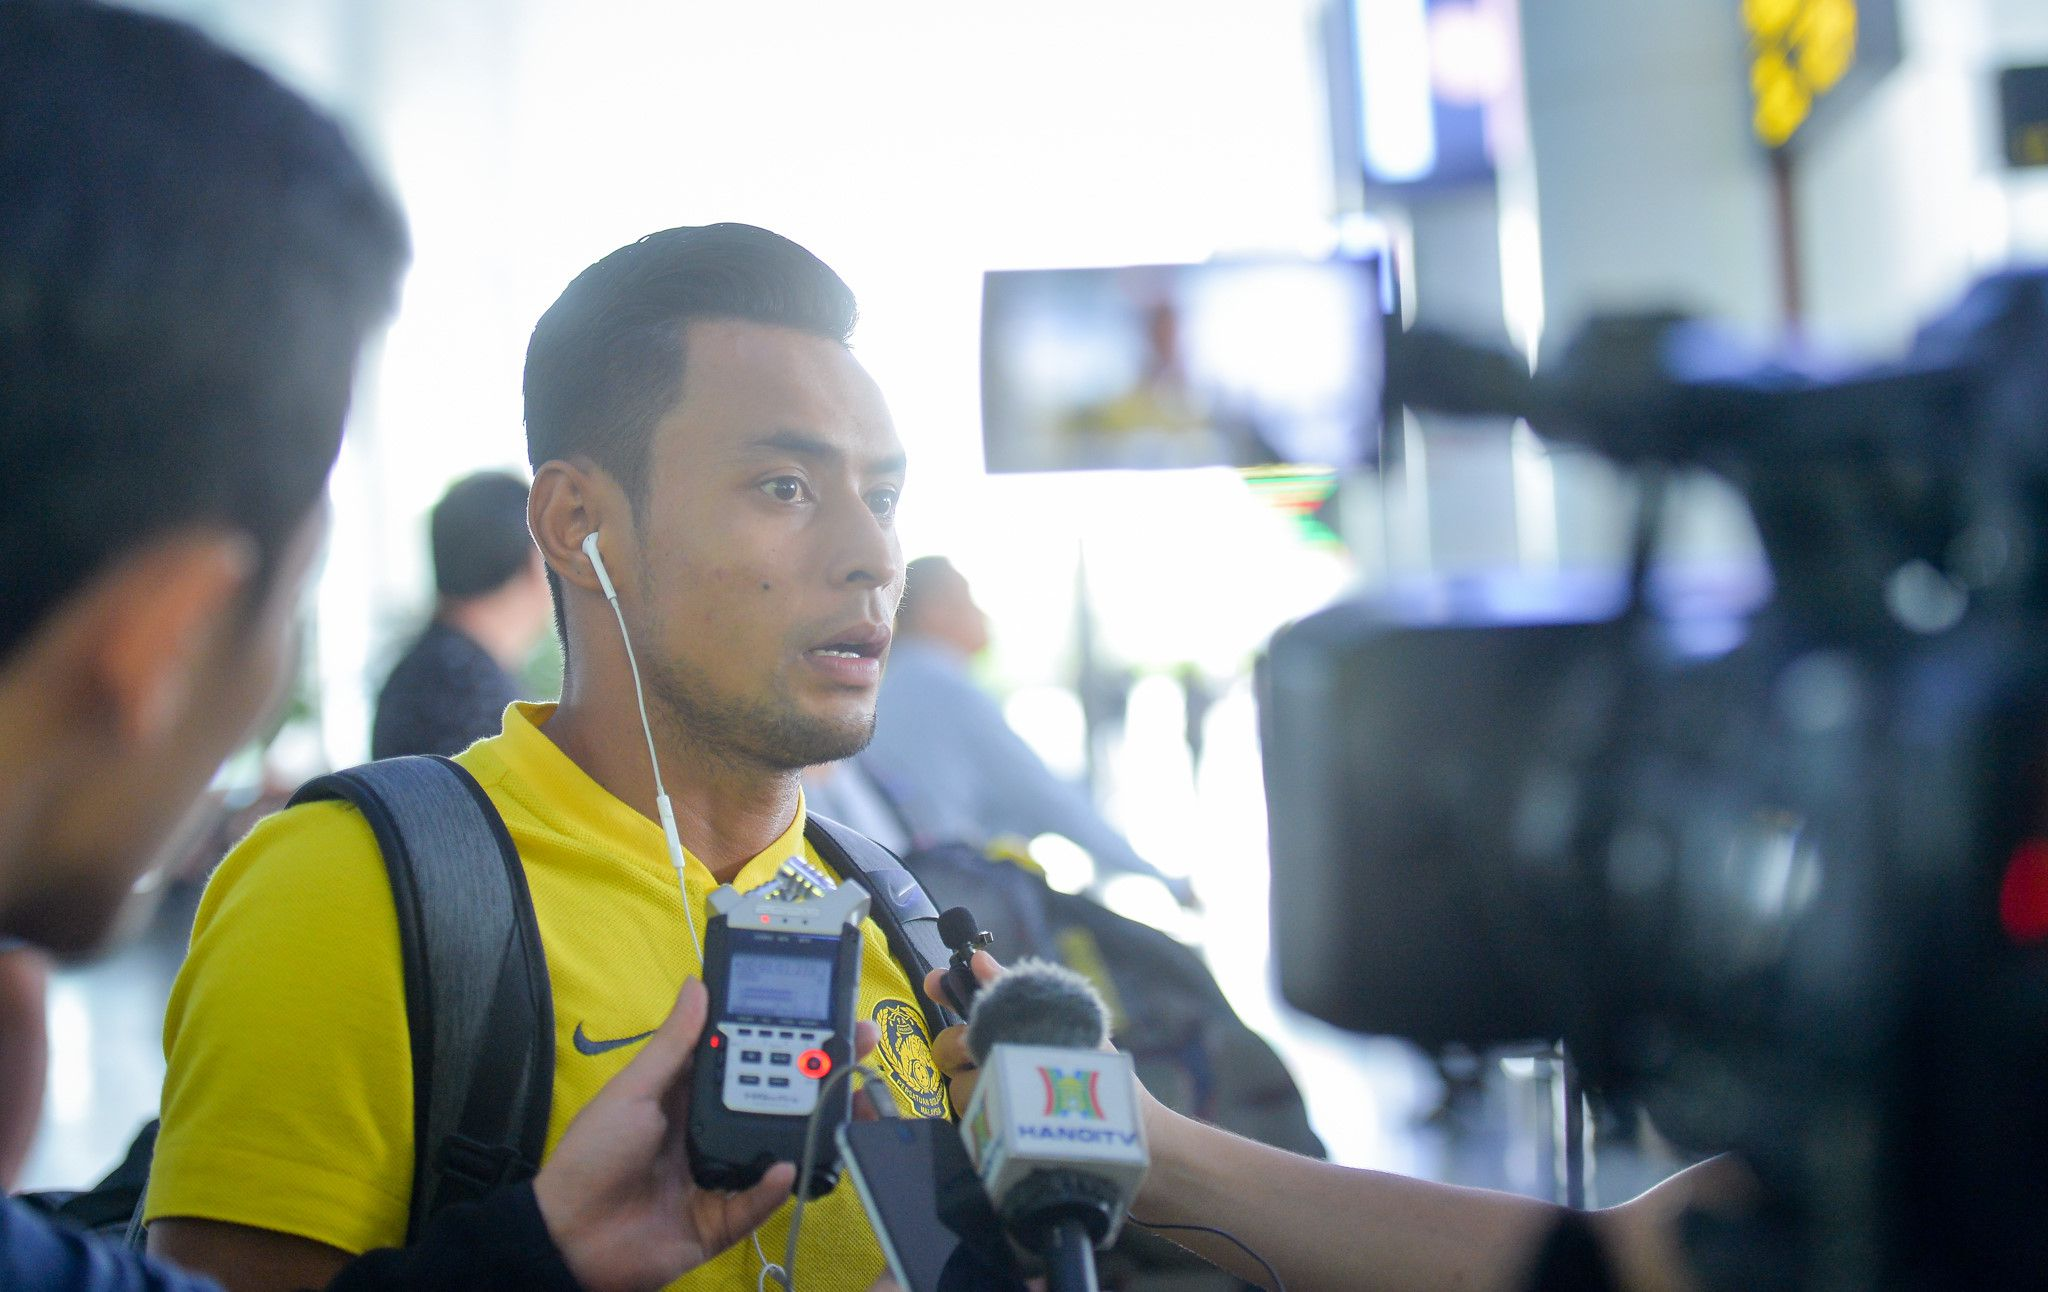 Xe buýt chở đội Malaysia bỏ quên người ở sân bay Nội Bài Ảnh 8